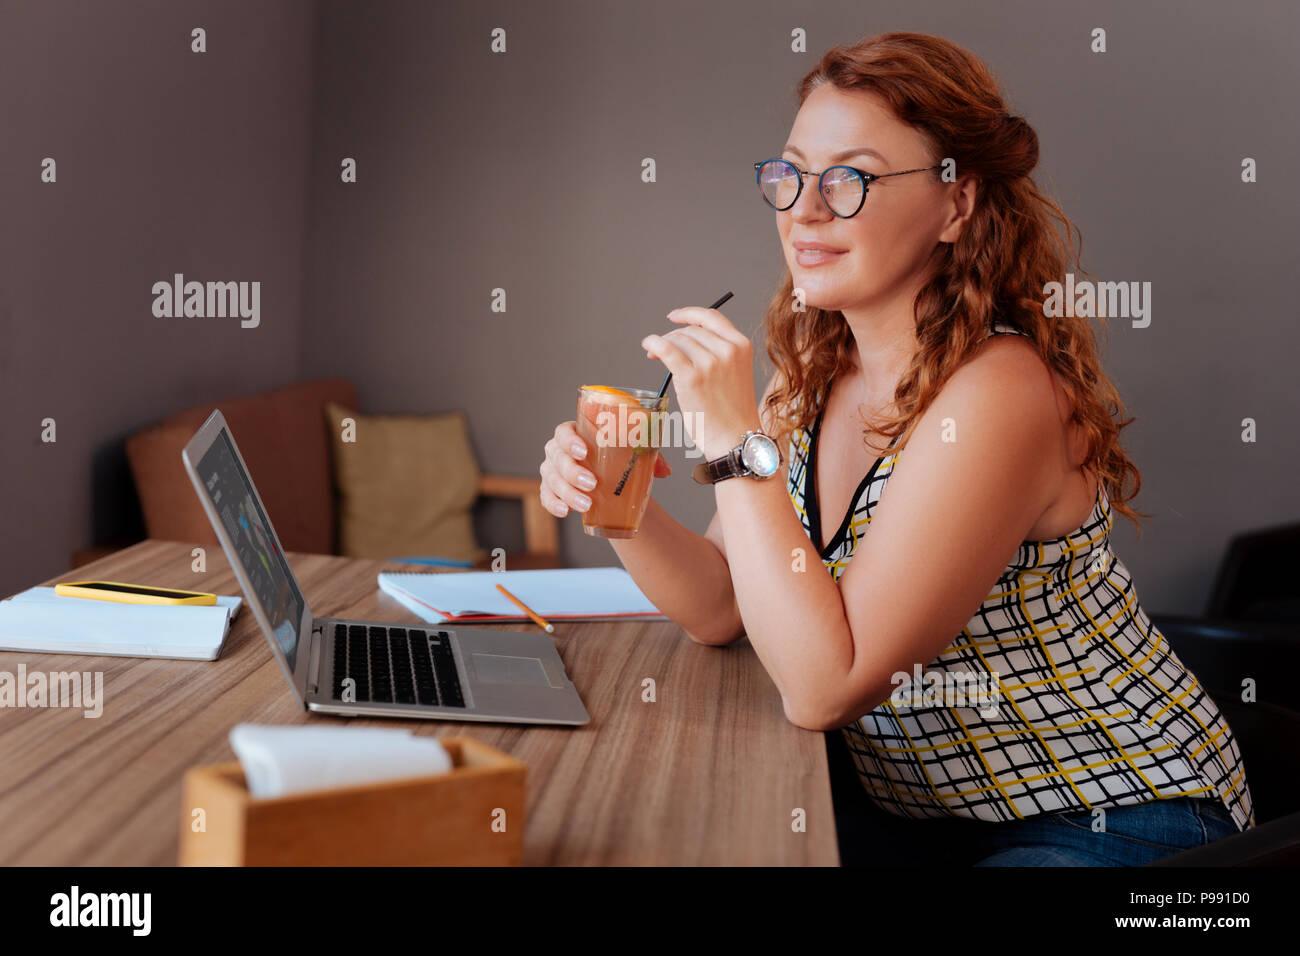 Attraente donna matura con gli occhiali a bere cocktail a freddo Immagini Stock